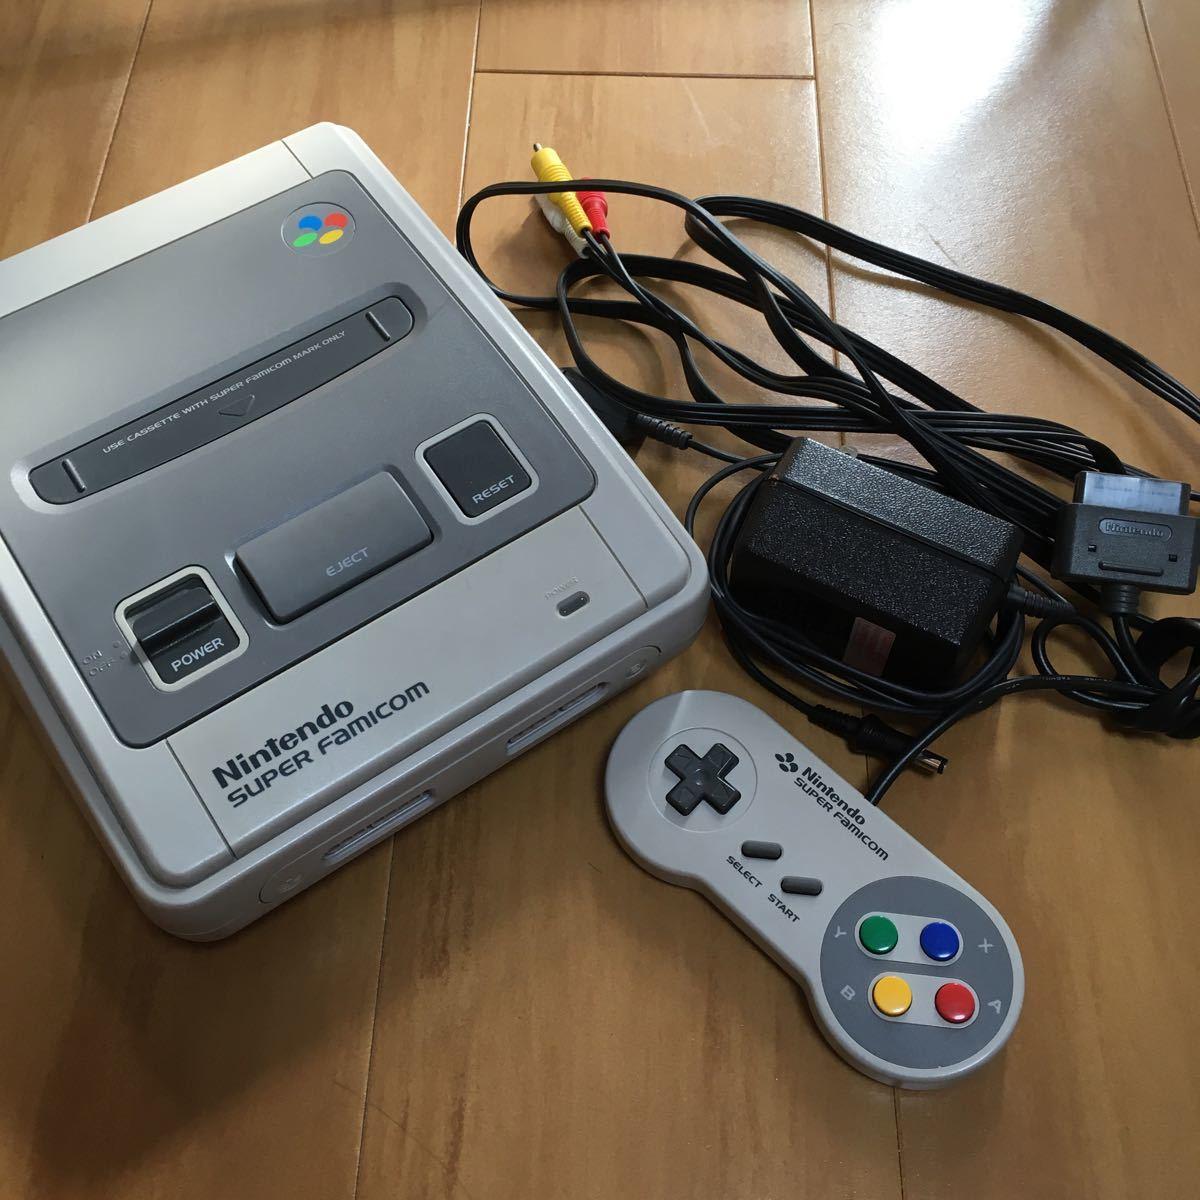 スーパーファミコン 本体 コントローラー 動作確認済み 任天堂 スーファミ レトロ ゲーム すぐに遊べる! すべて純正品